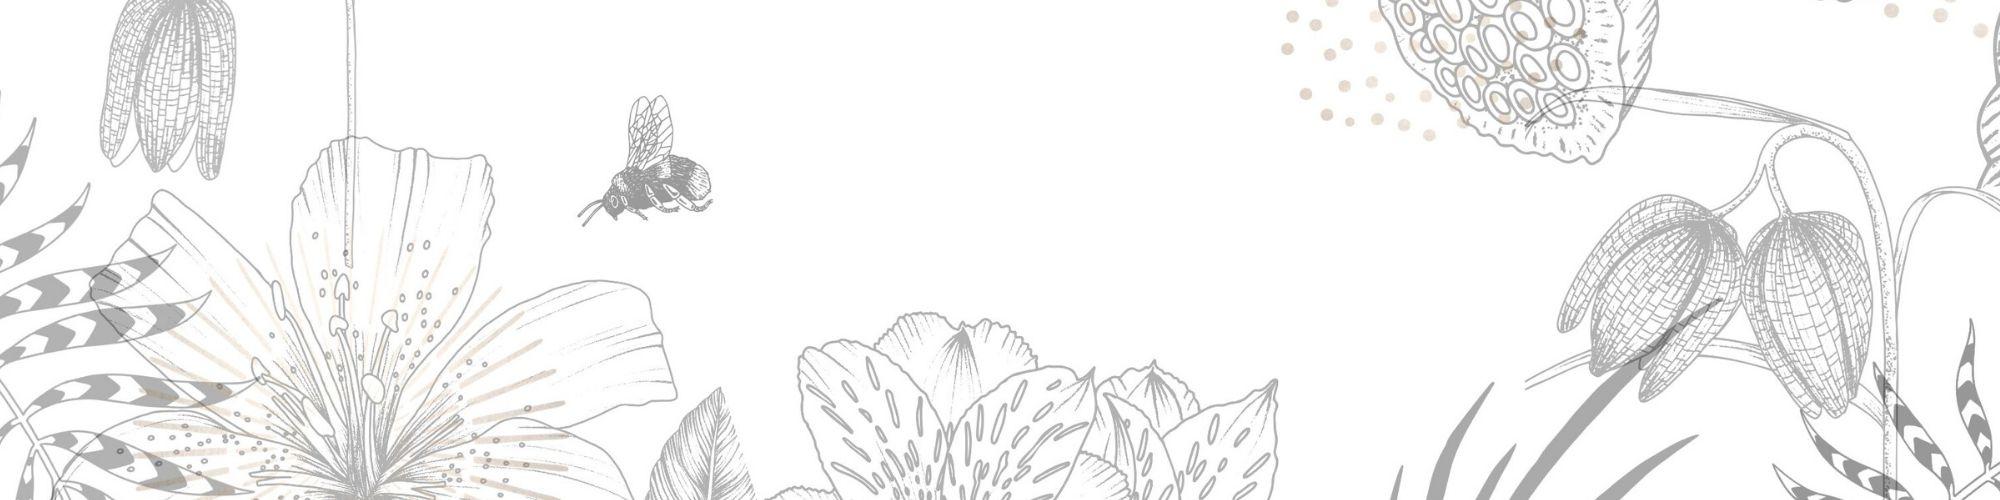 AT 2020 Page Header Image